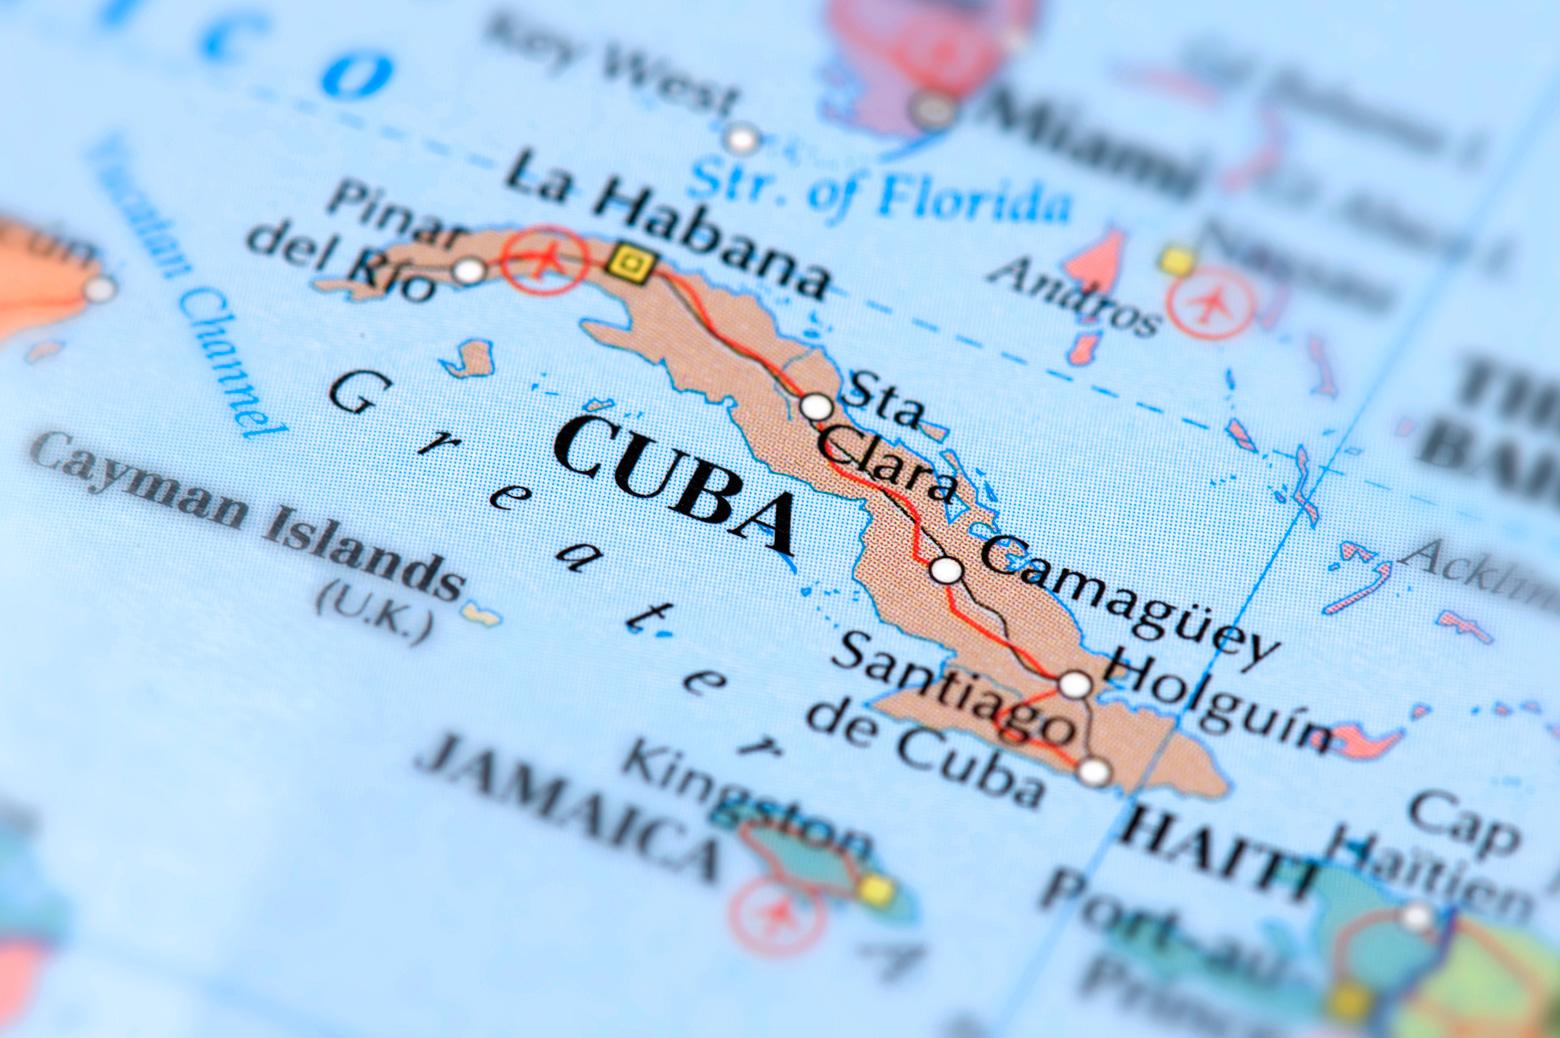 A map of Cuba.